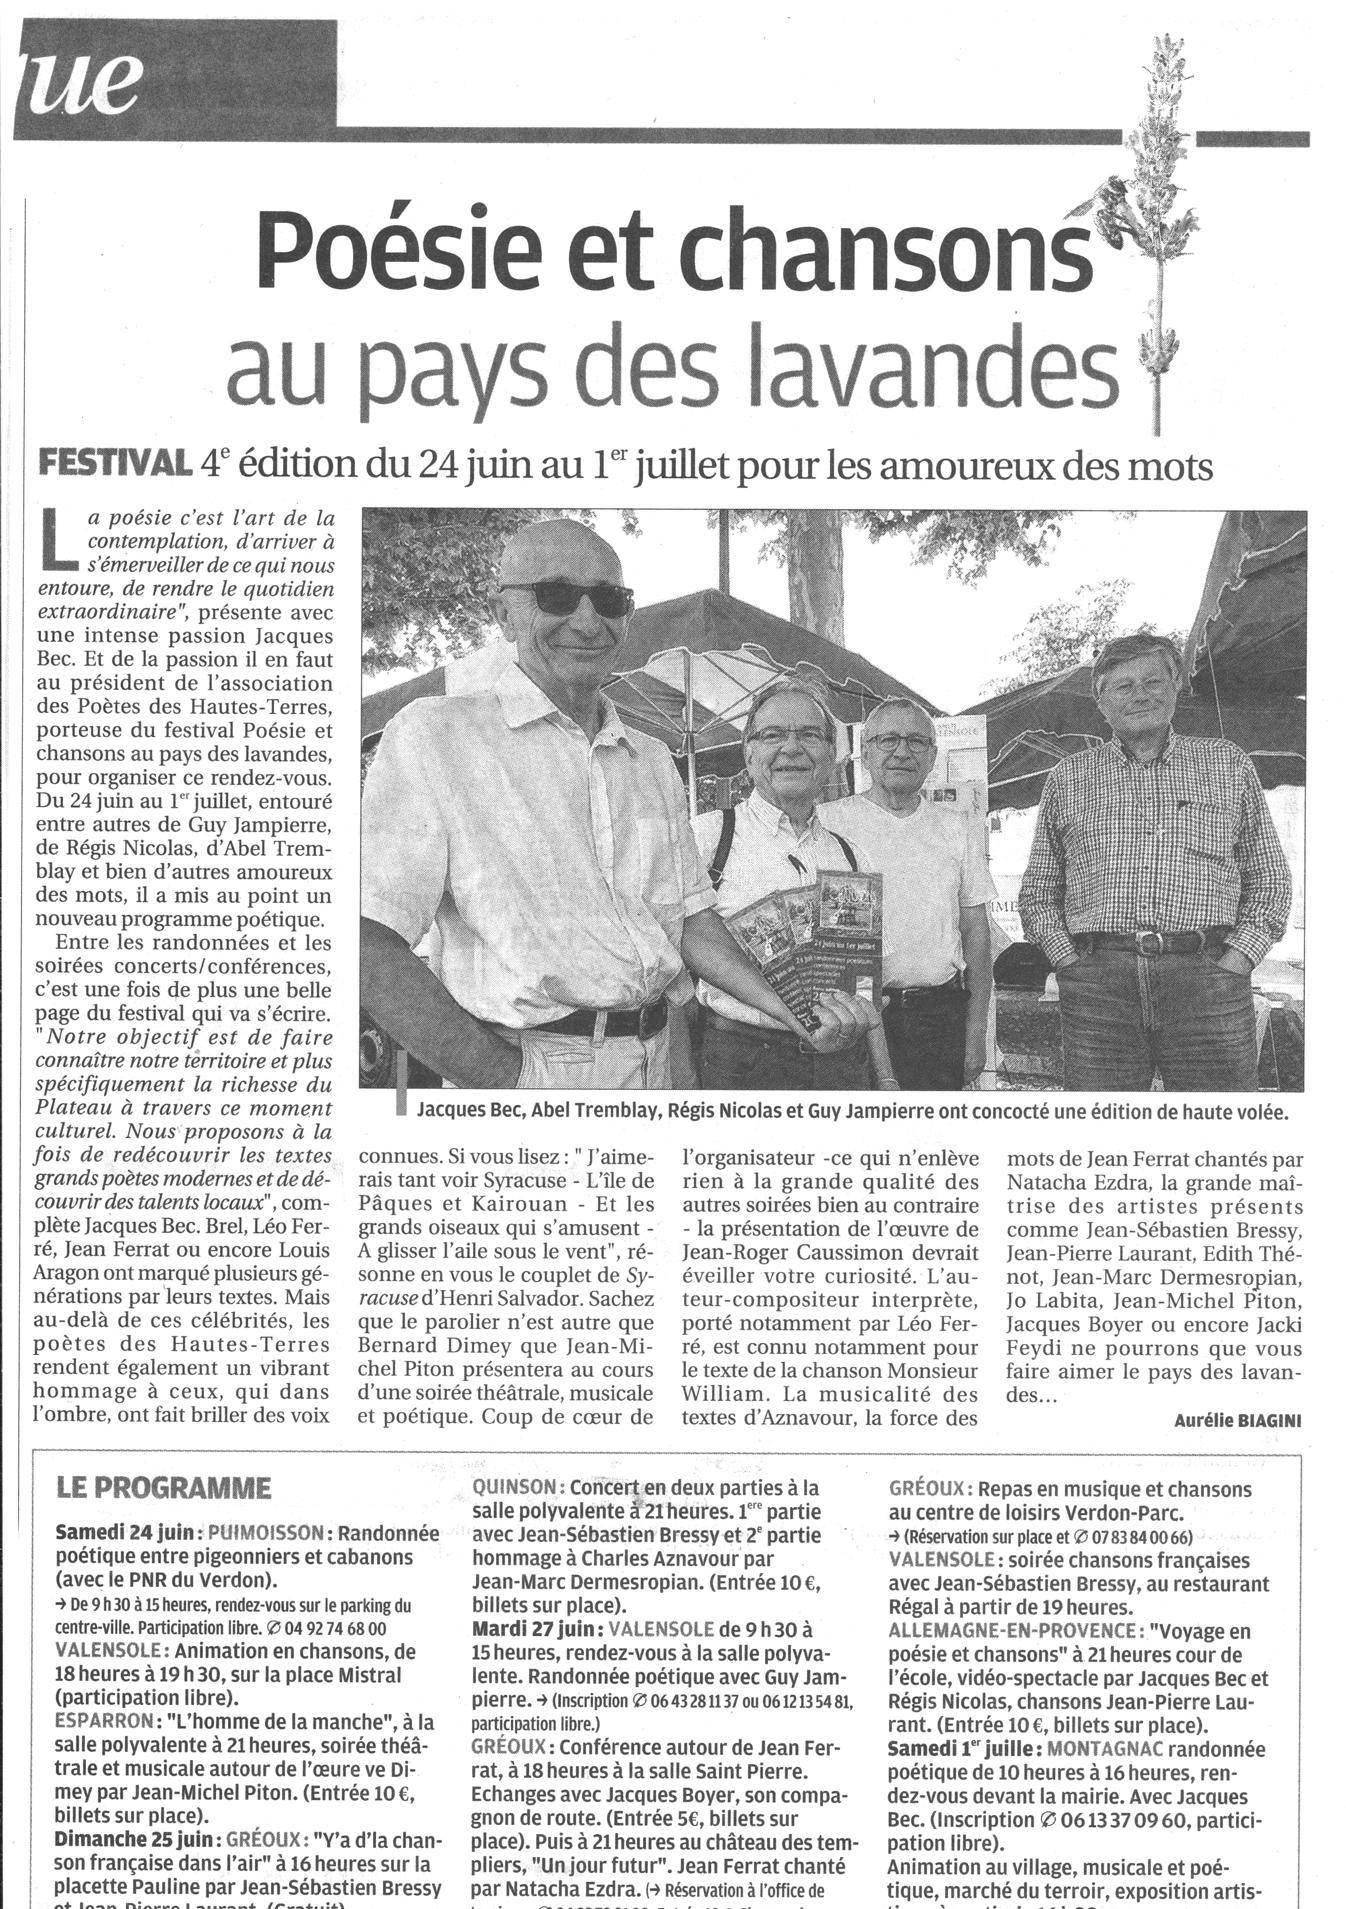 La Provence article Festival 4ème édition 2017